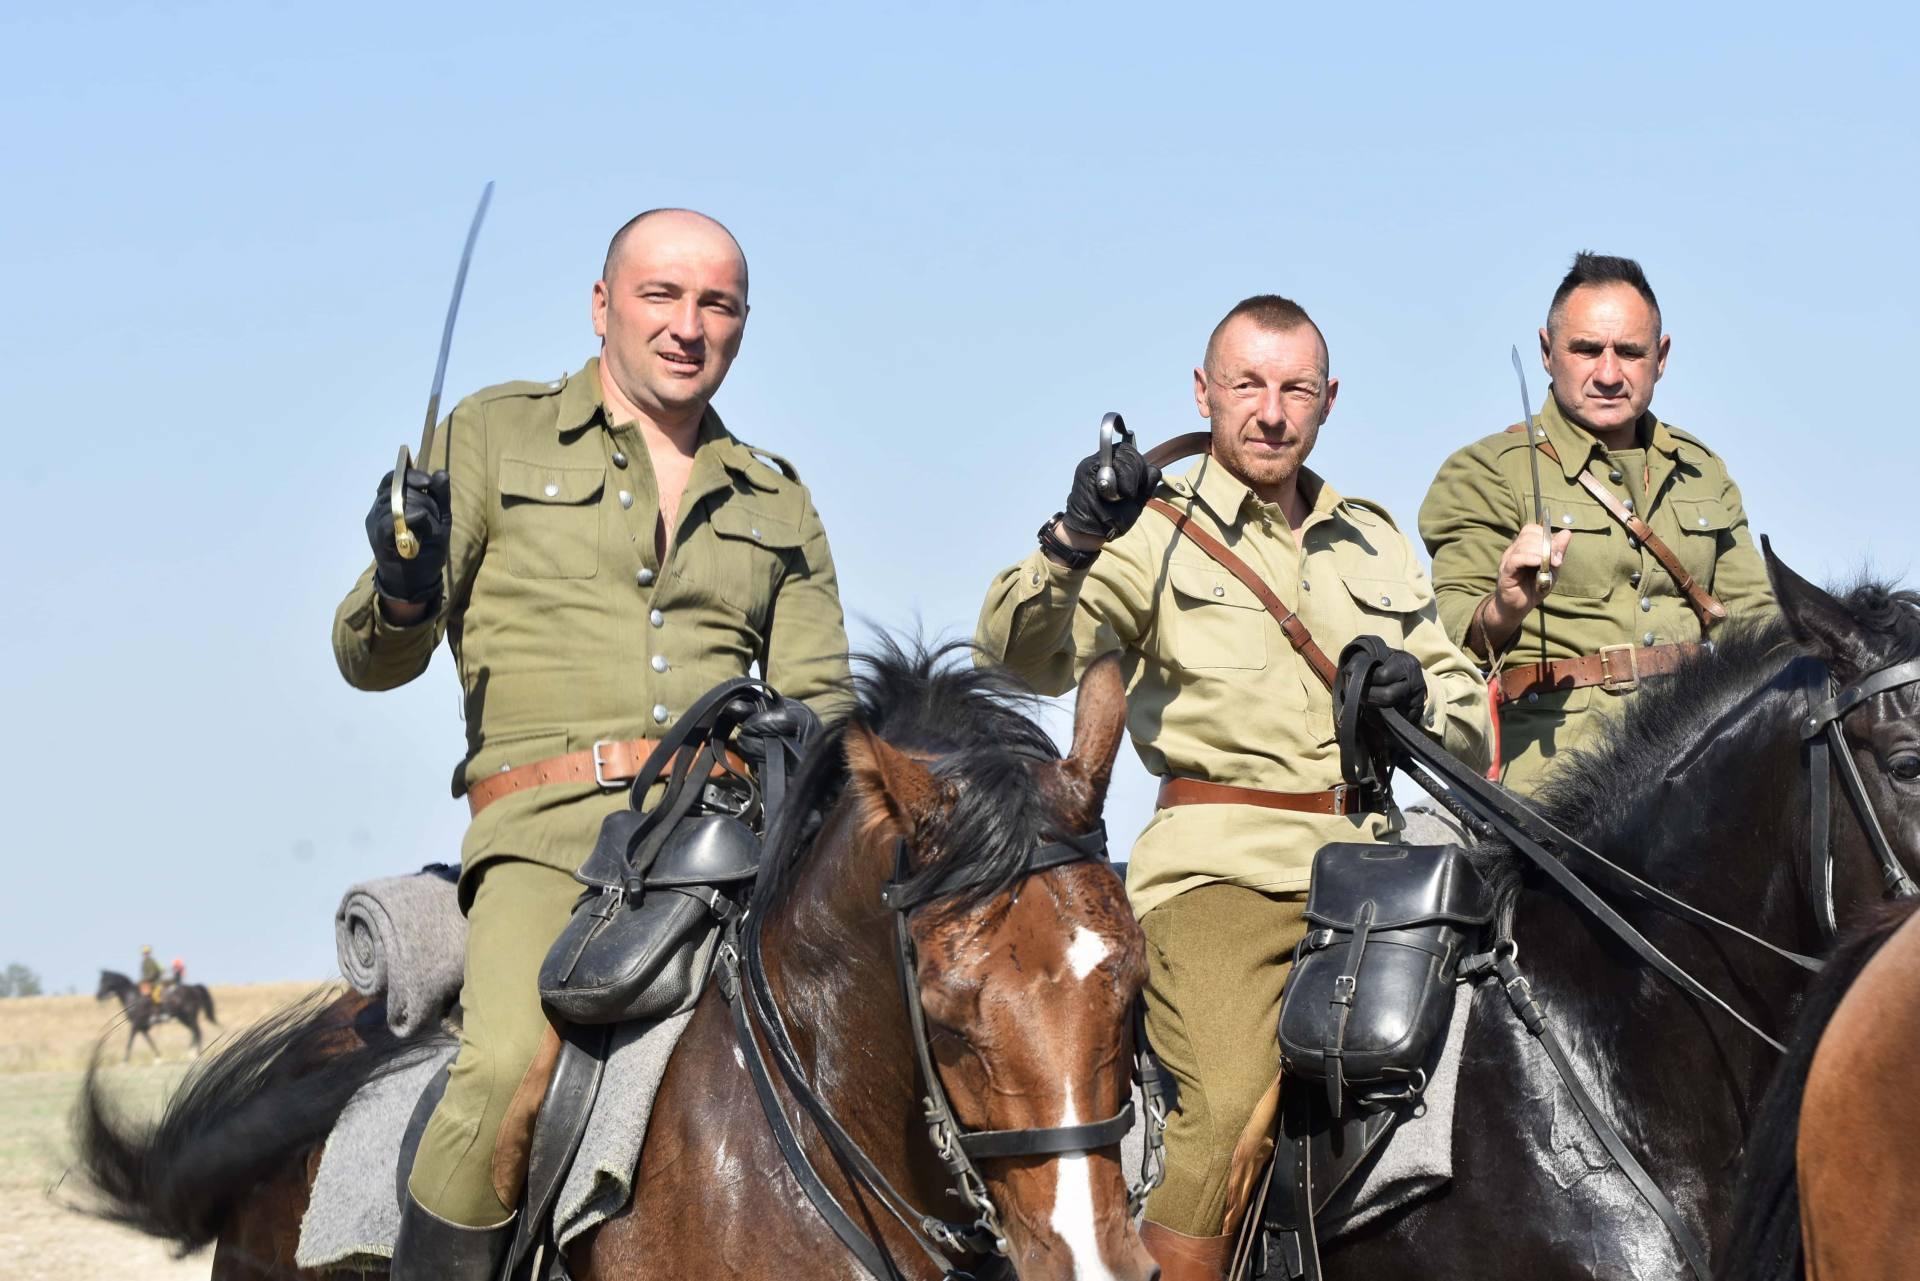 dsc 1126 Czas szabli - 100 rocznica bitwy pod Komarowem(zdjęcia)